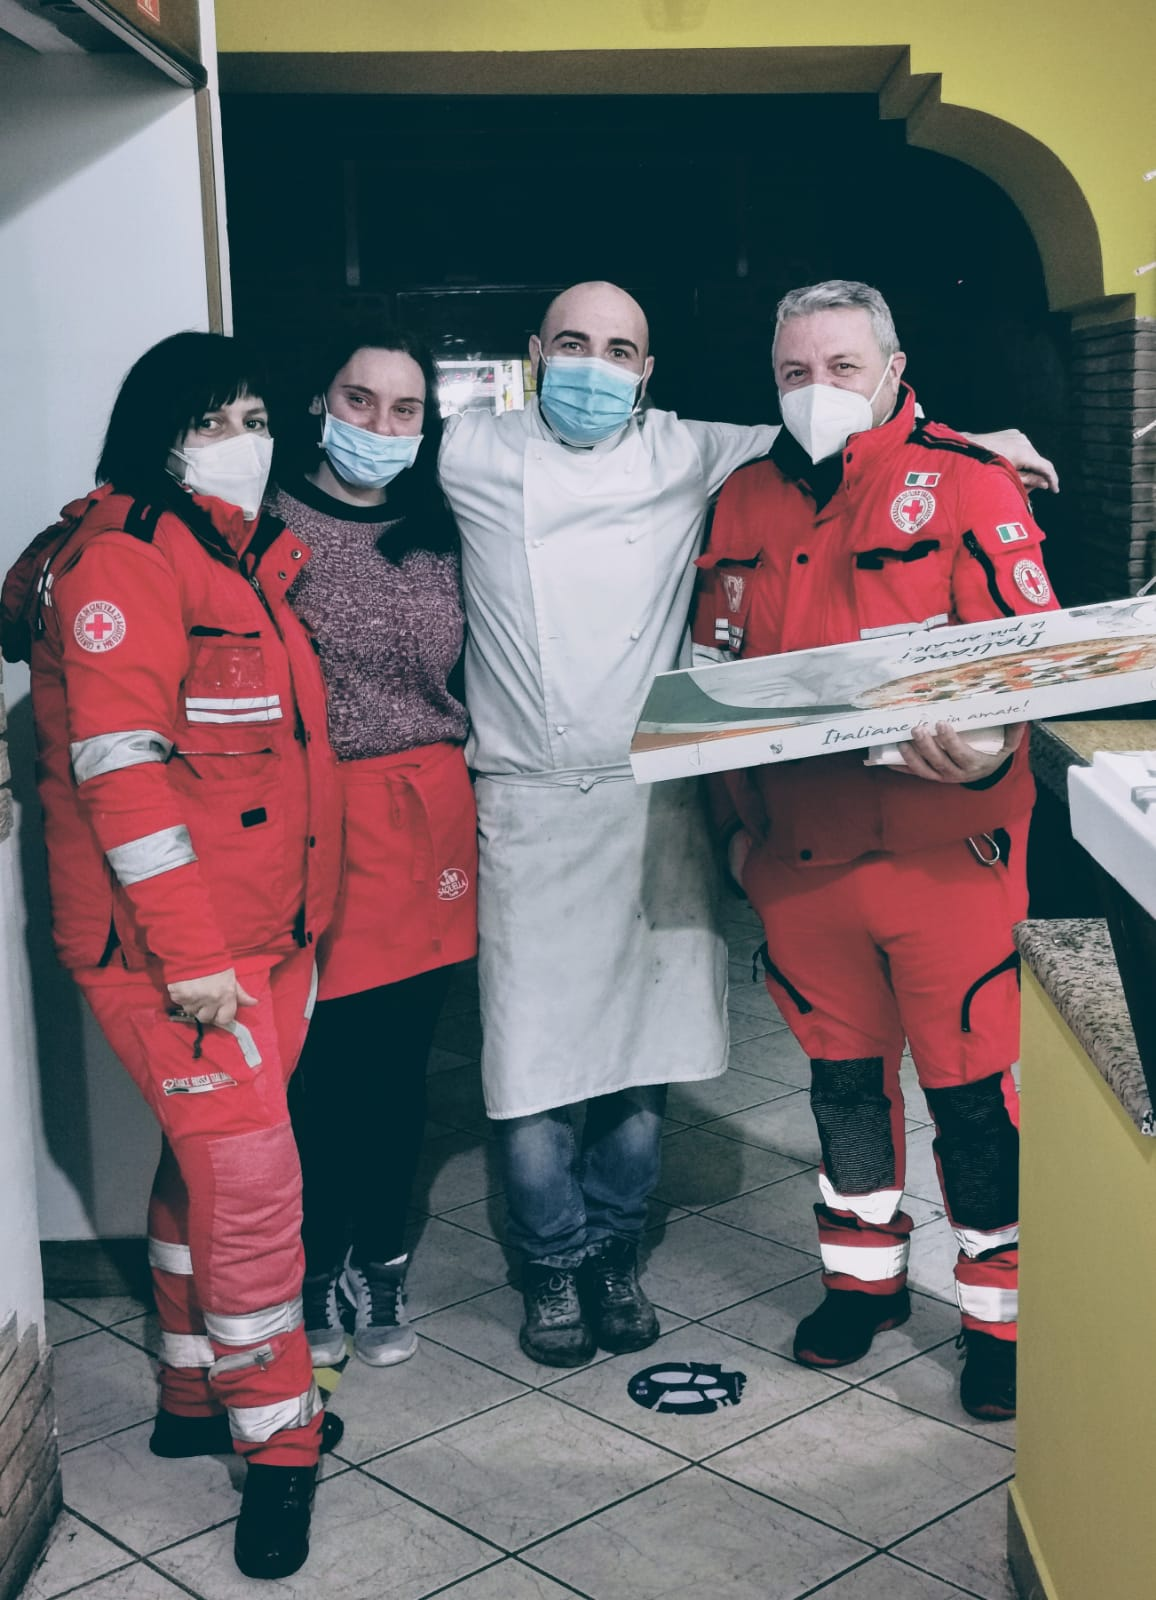 Cillo pizzeria e friggitoria dona pasti alla CRI di Benevento